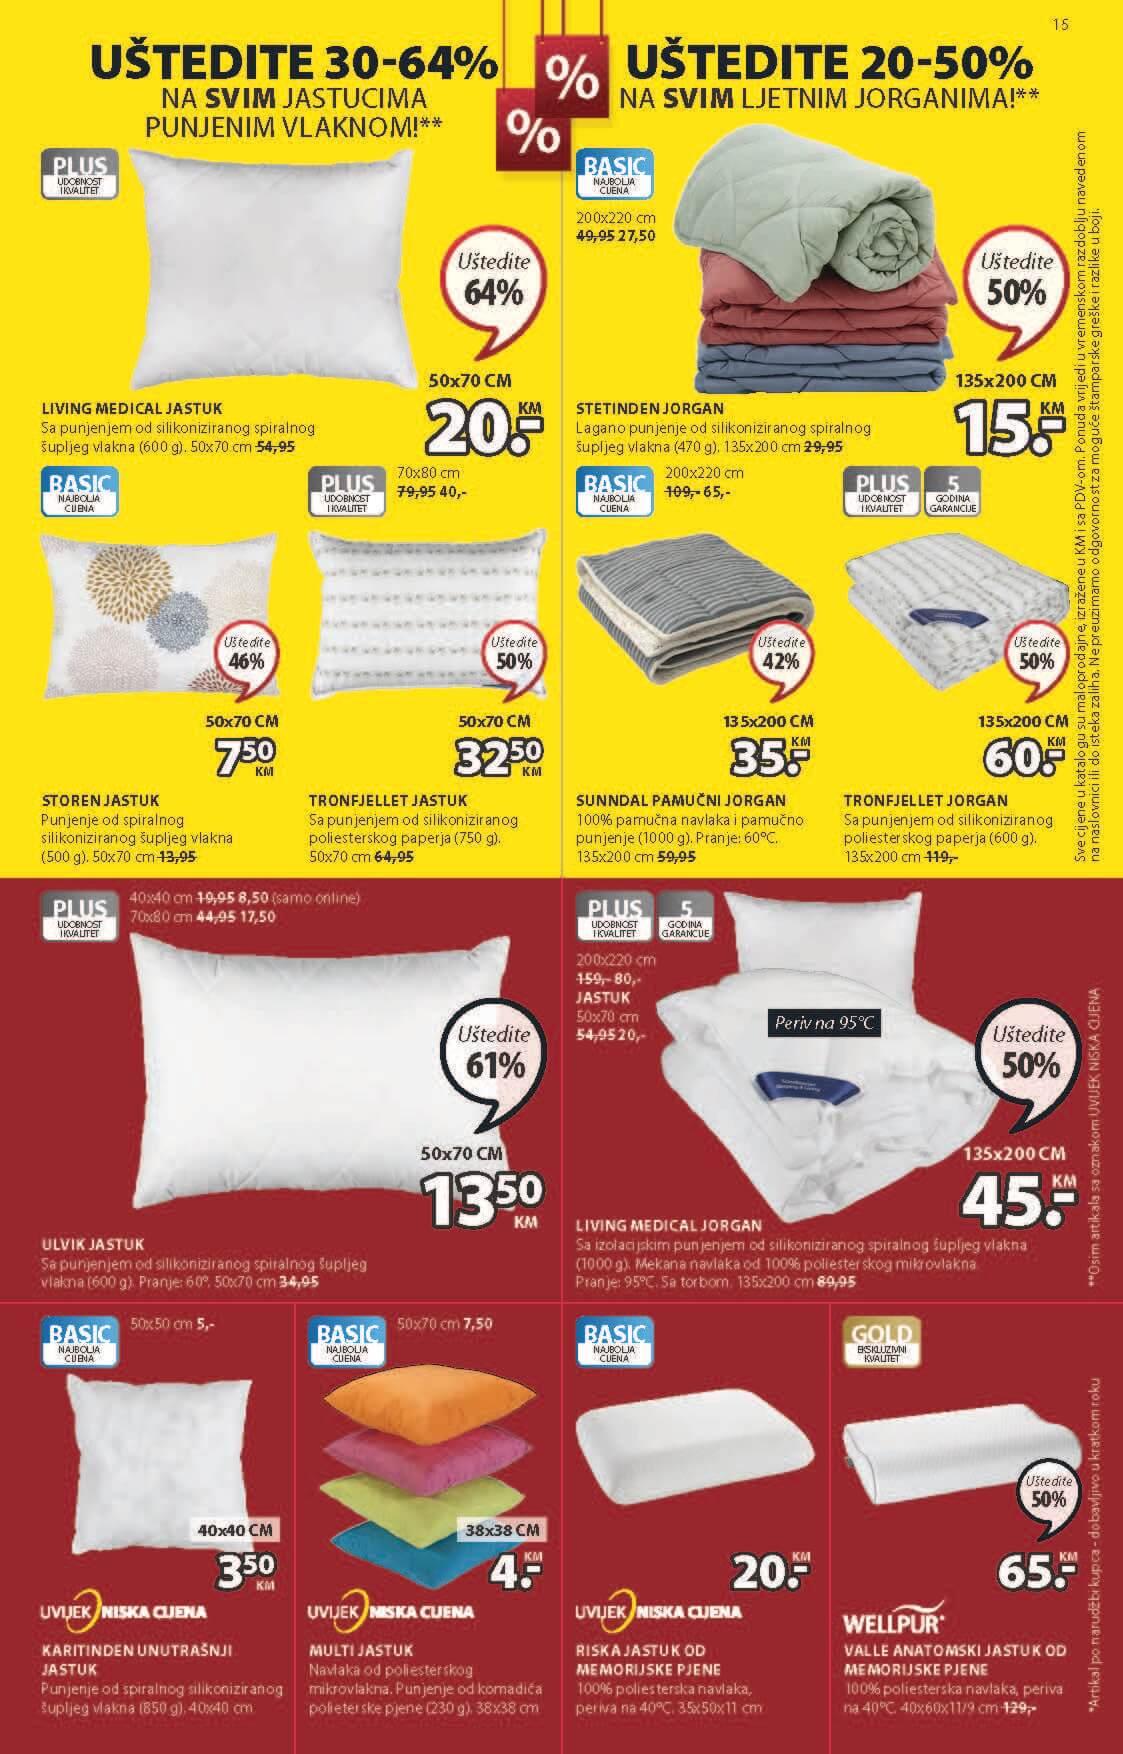 JYSK Katalog Ljetna rasprodaja JUL 2021 8.7.2021. 21.7.2021. Page 16